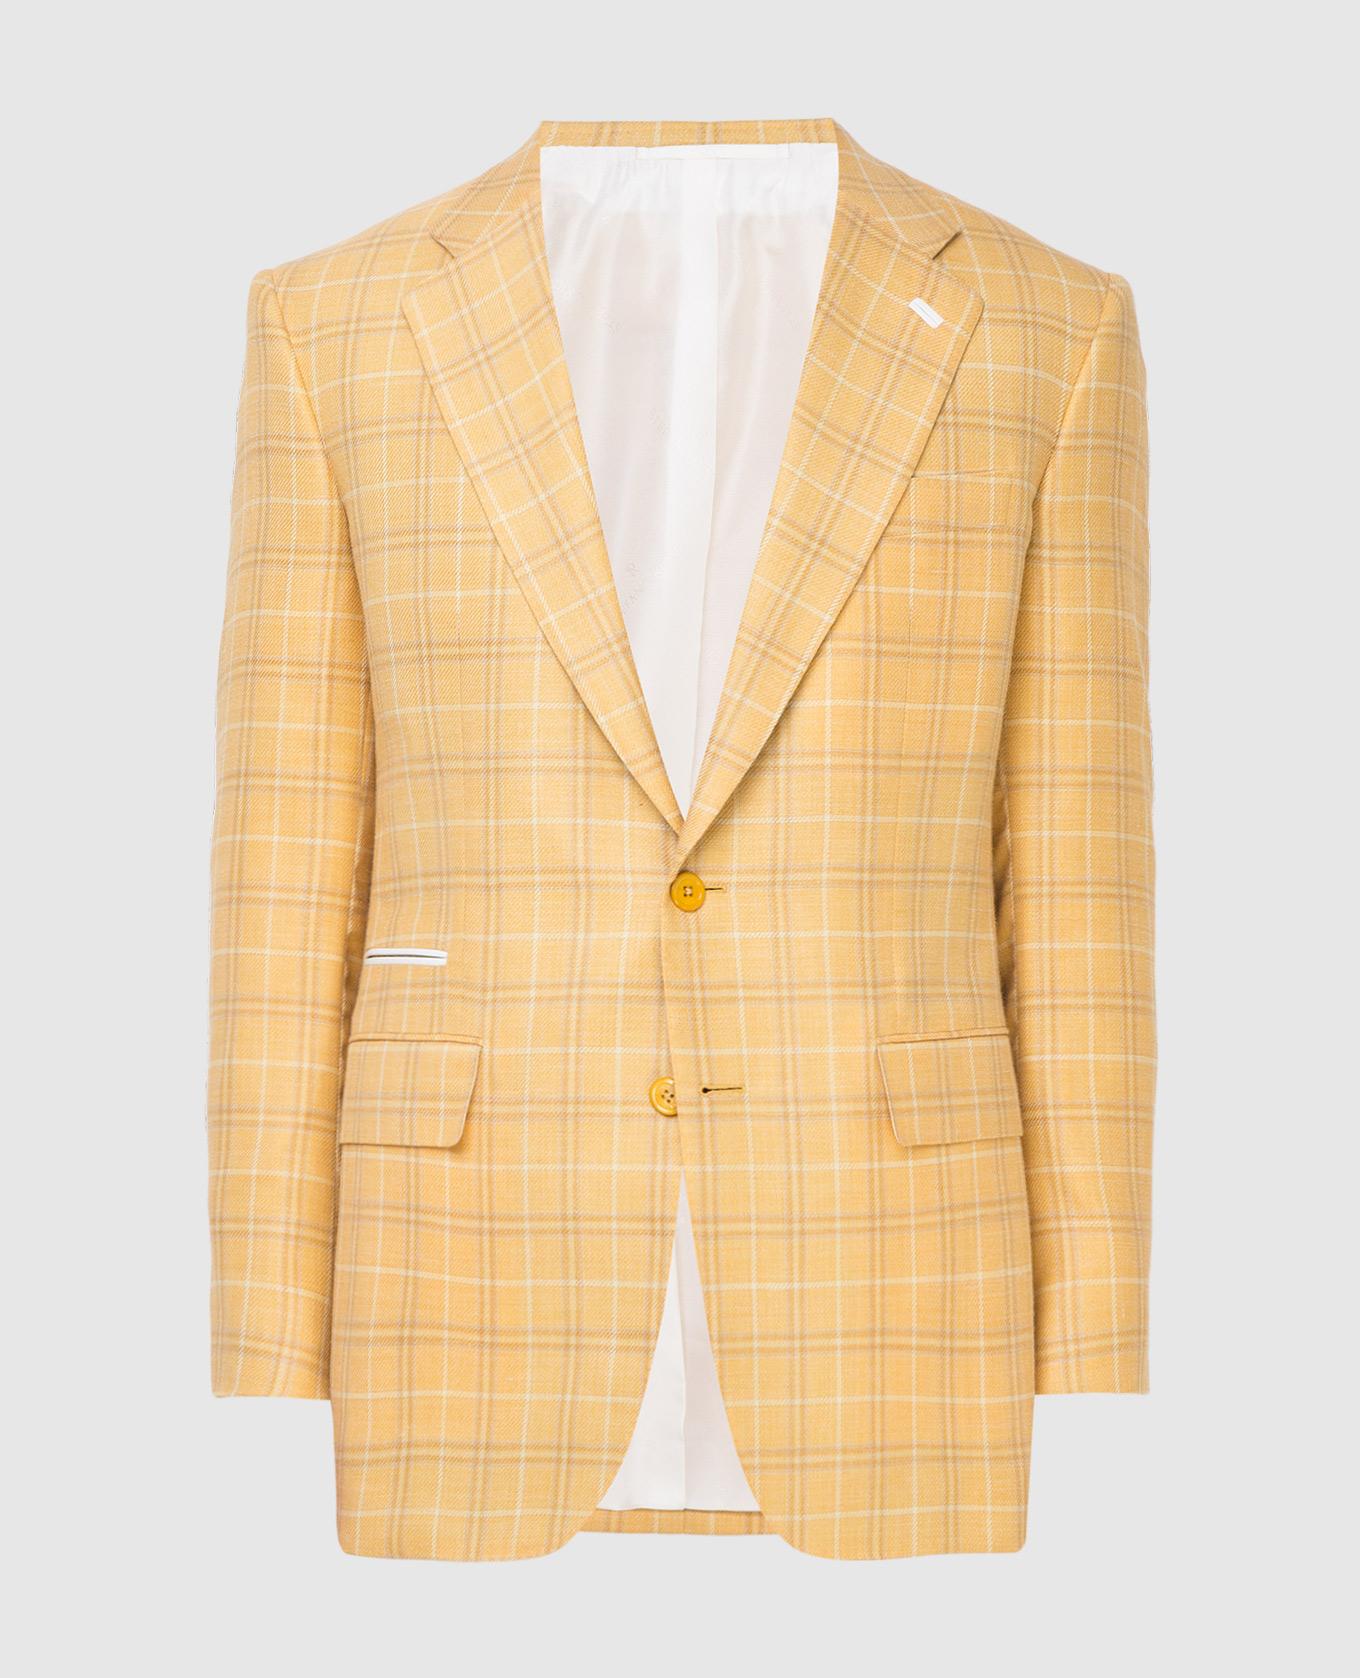 Желтый пиджак из шерсти, кашемира, шелка и льна